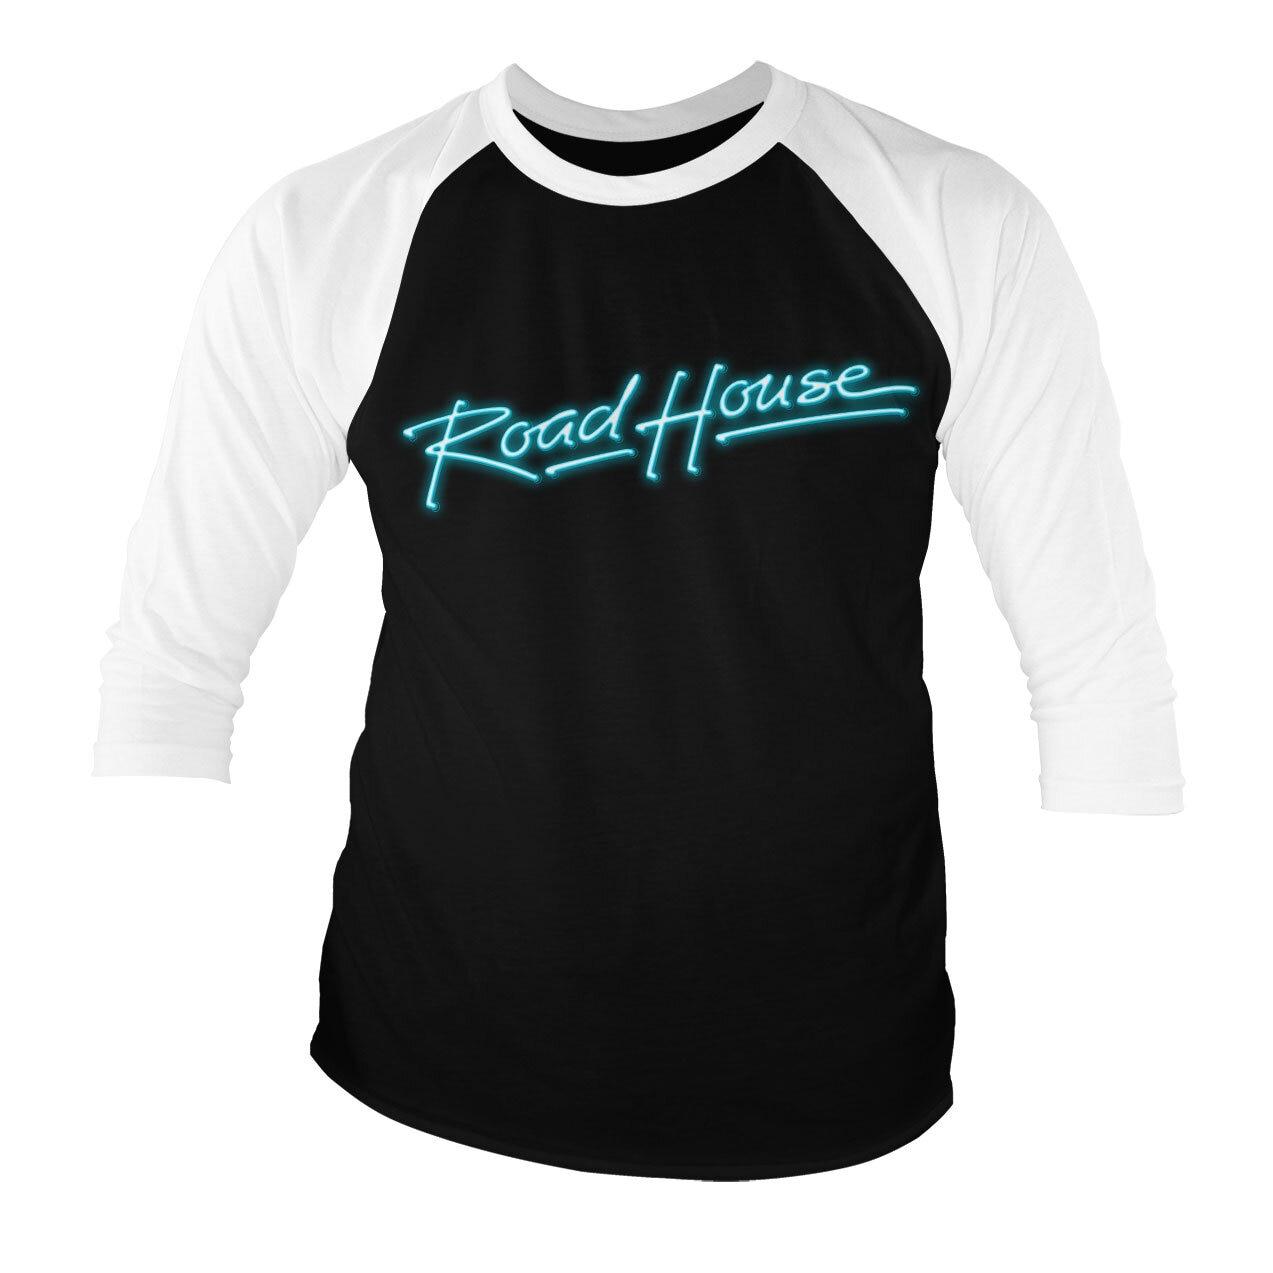 Road House Logo Baseball 3/4 Sleeve Tee